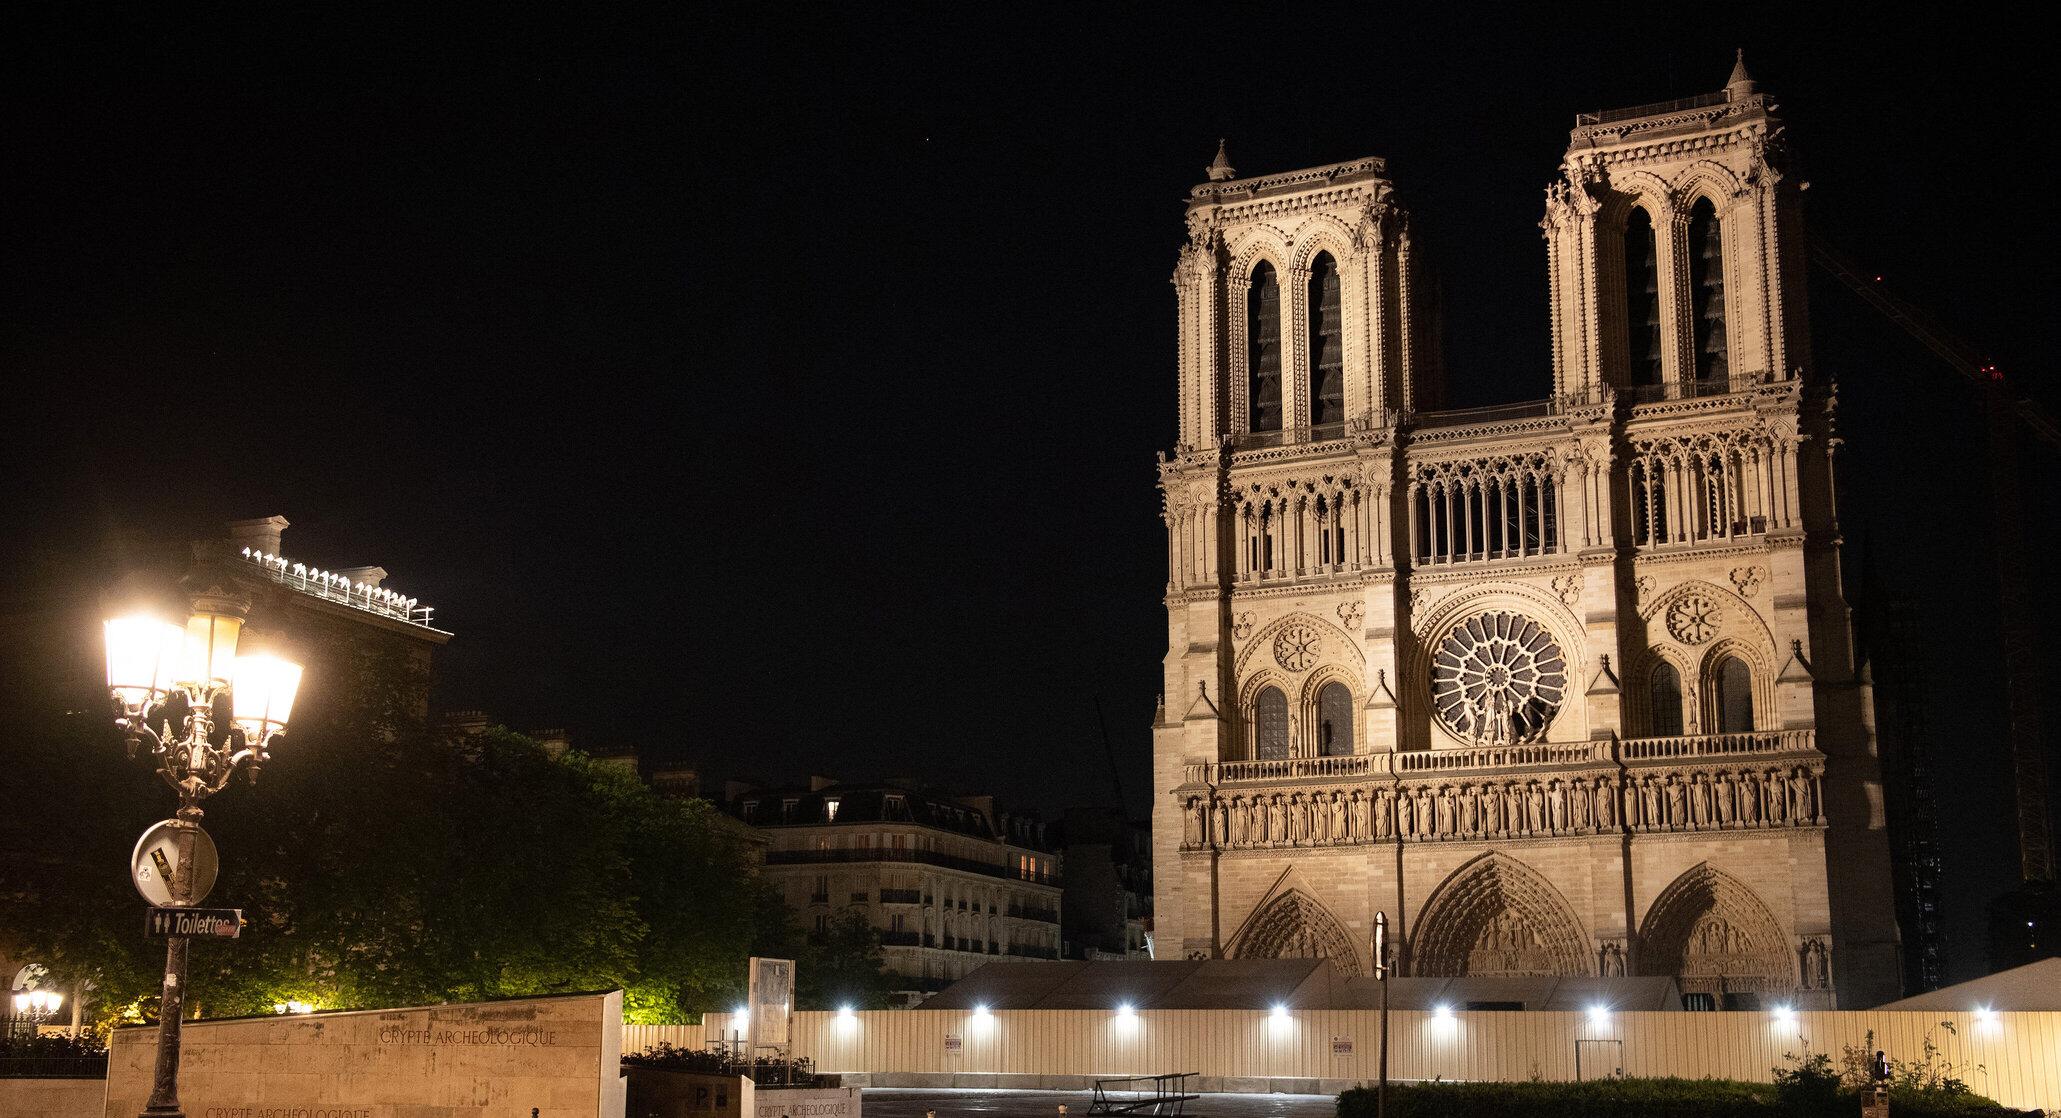 Primul concert de Crăciun organizat la Notre-Dame de Paris, după incendiul care a devastat parțial clădirea